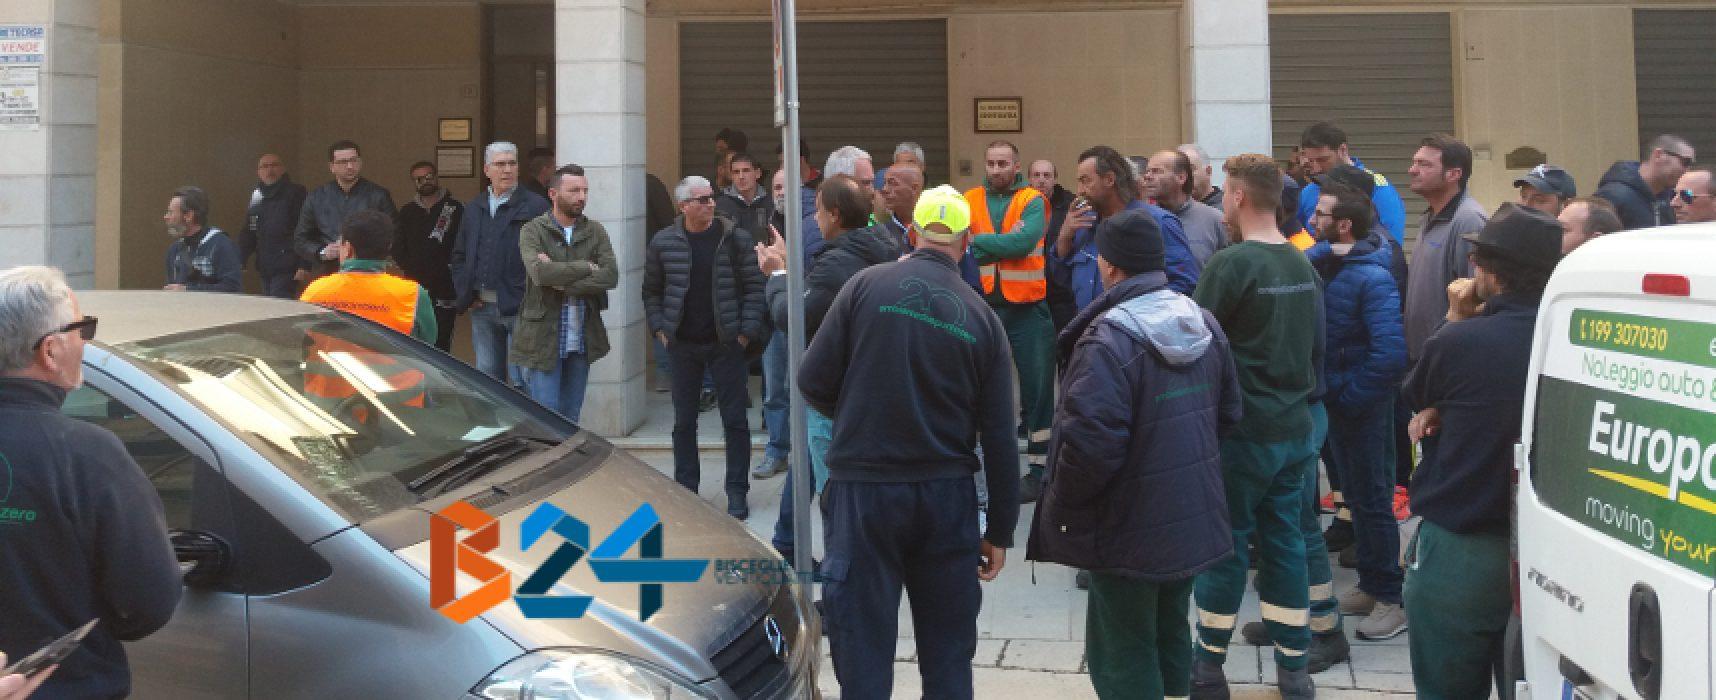 """Sit-in operai igiene, Fata: """"Garantiremo diritti"""", Casella: """"Amministrazione confusa"""" / VIDEO"""